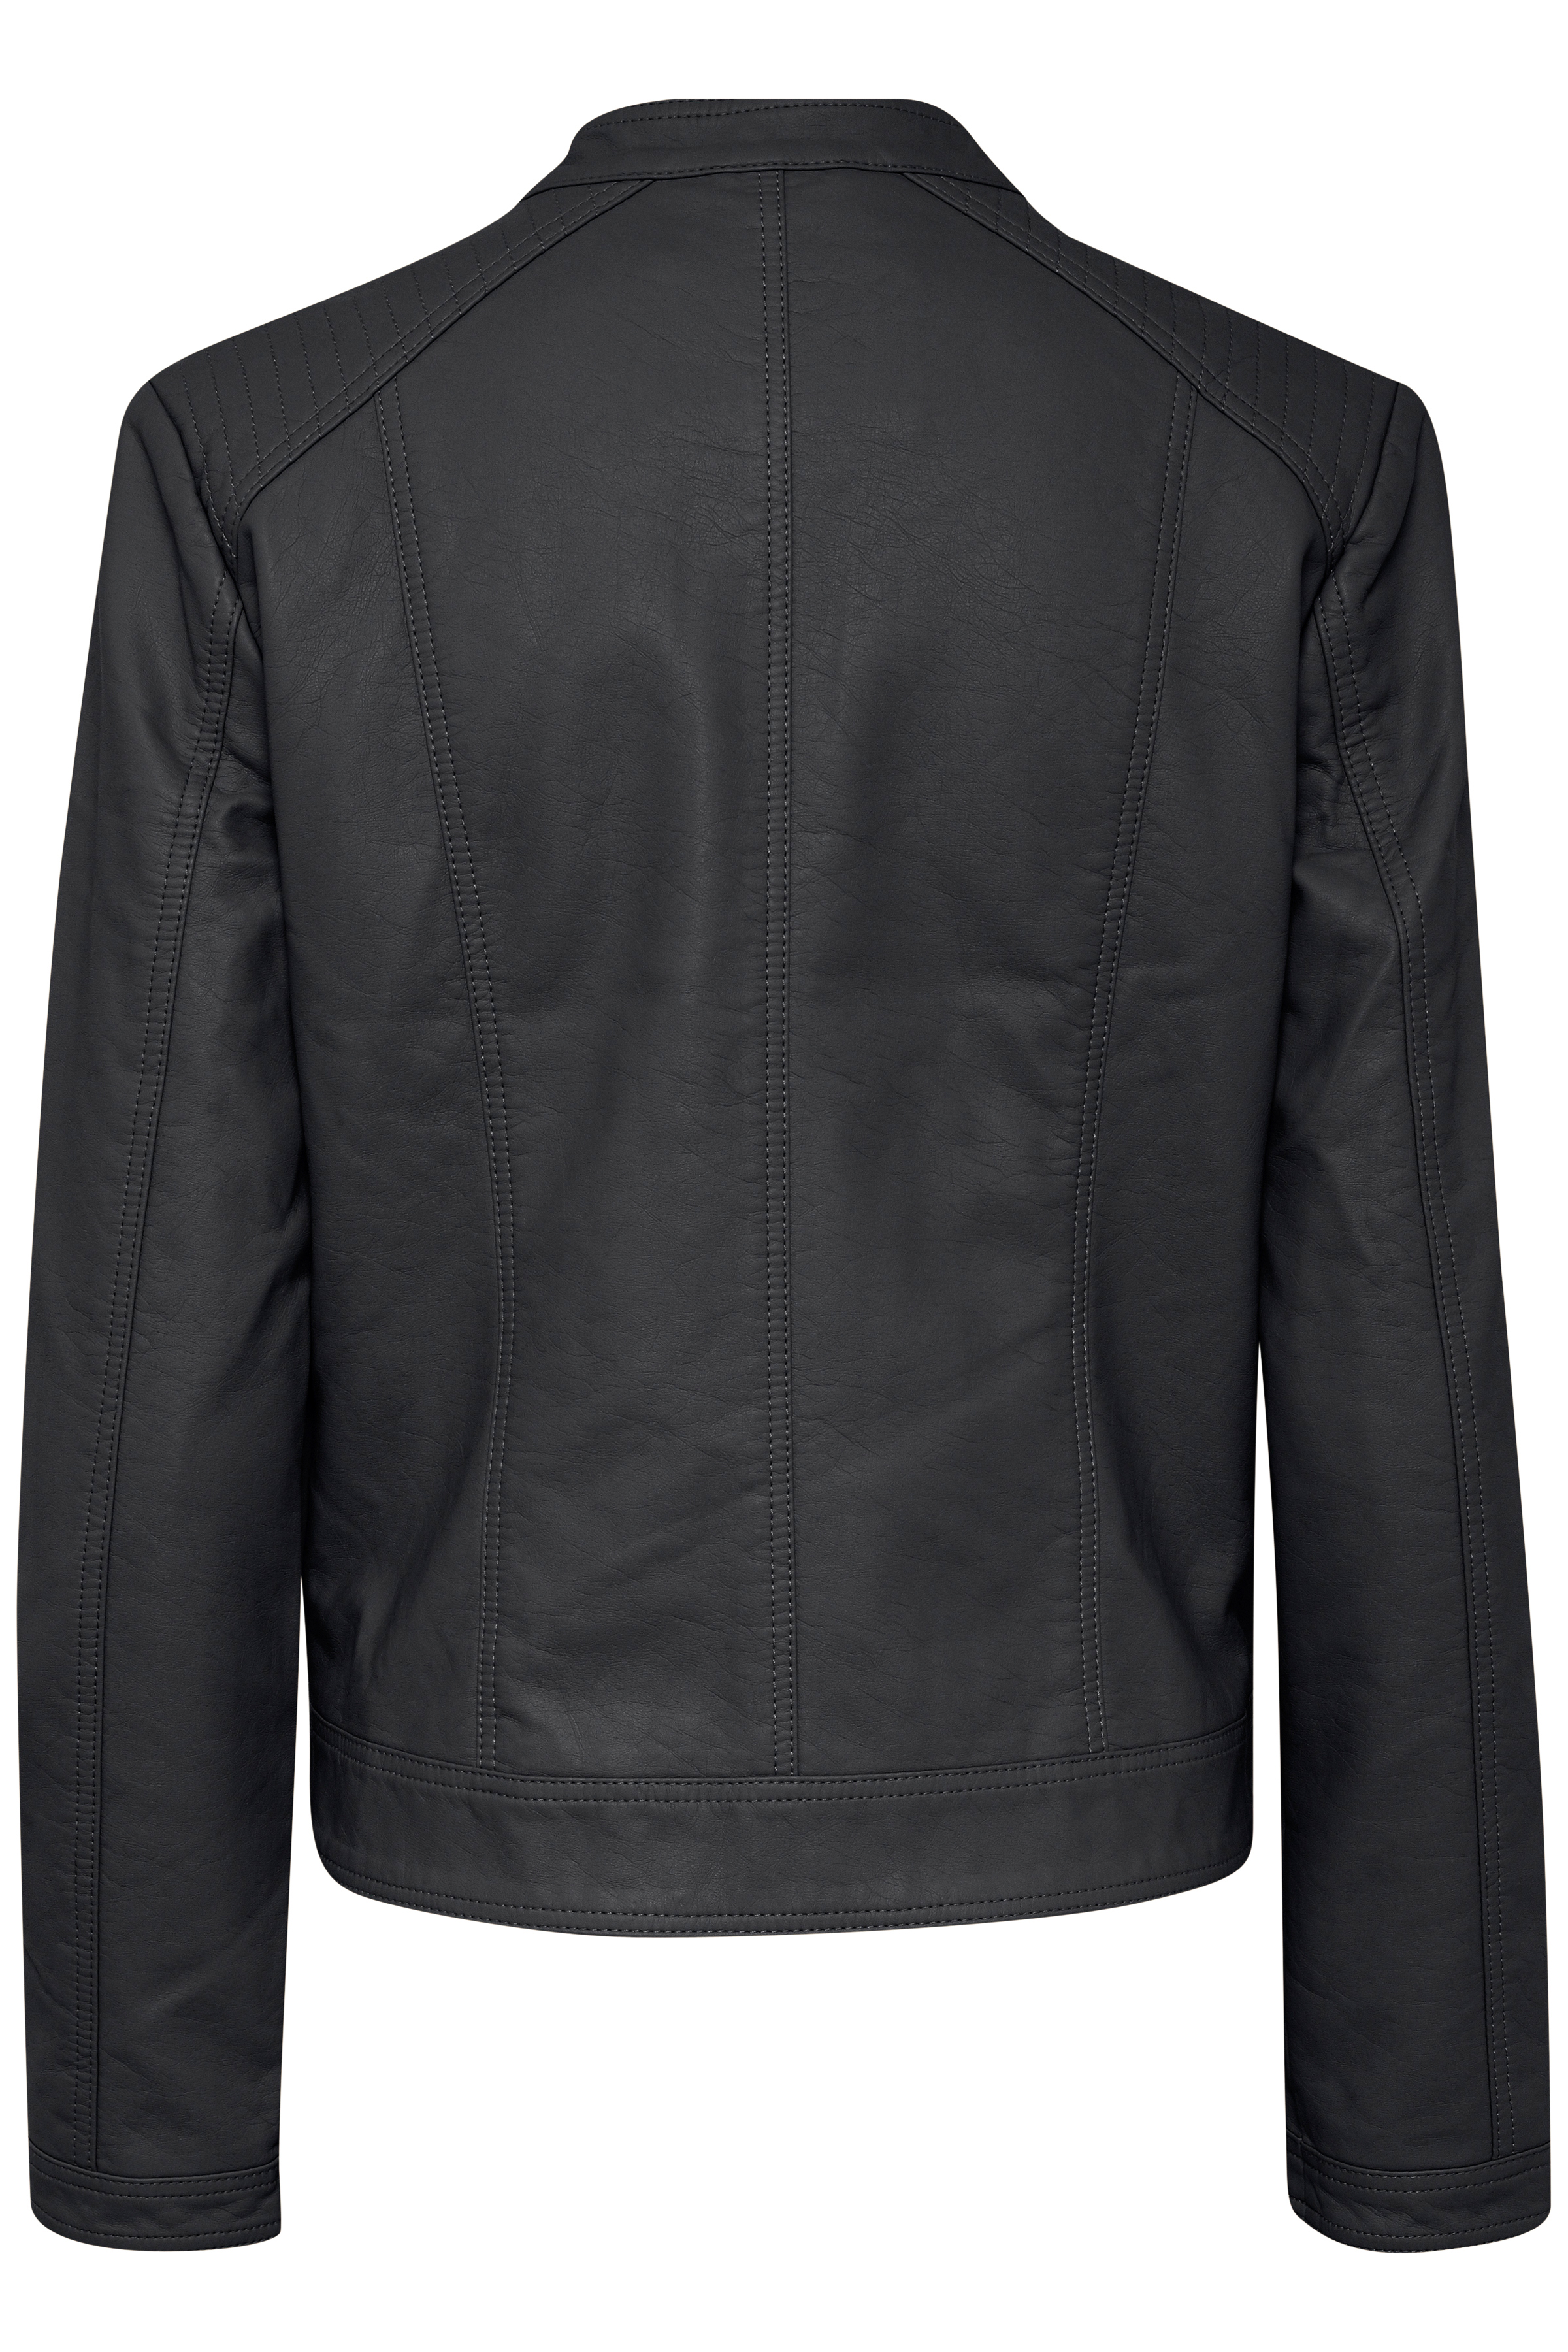 Black Jacke von b.young – Kaufen Sie Black Jacke aus Größe 34-46 hier